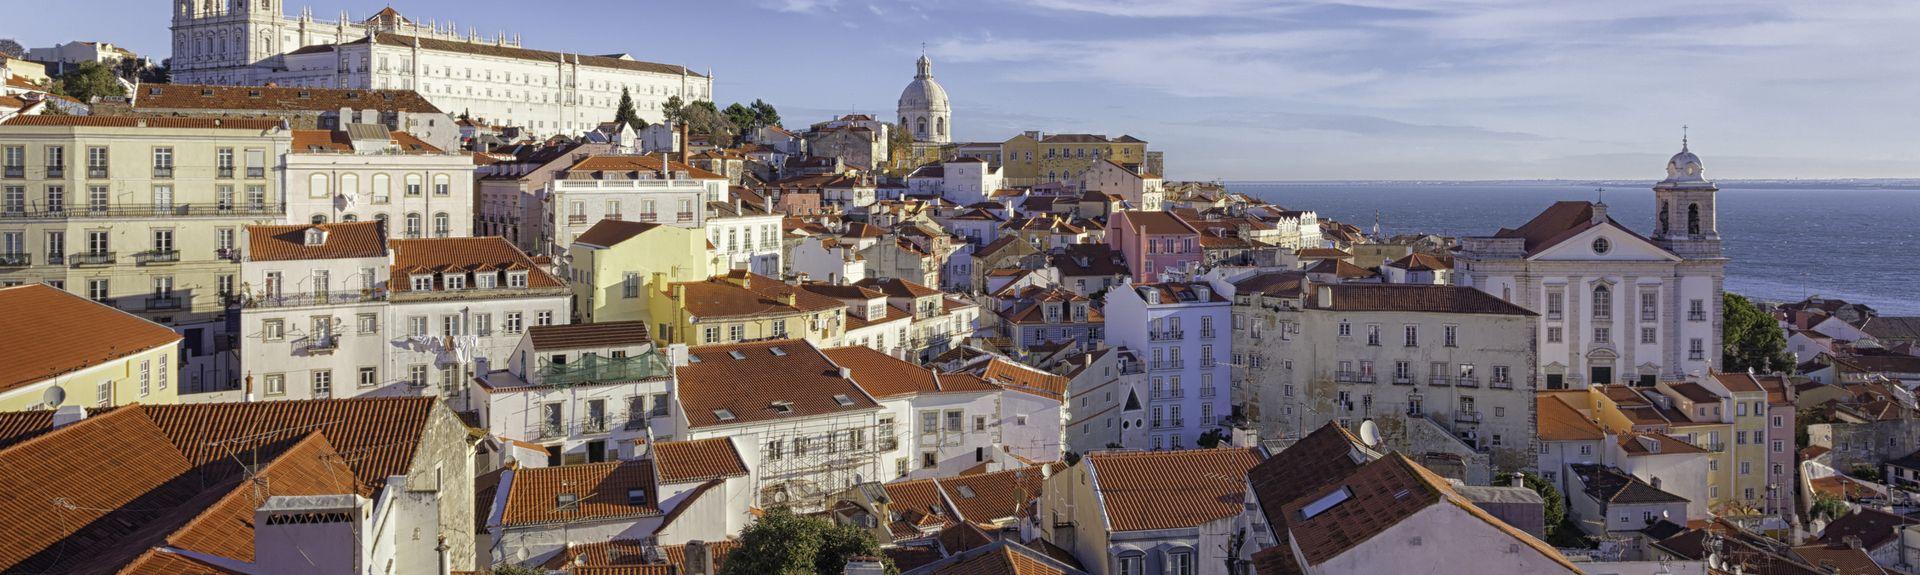 Alfama, District de Lisbonne, Portugal